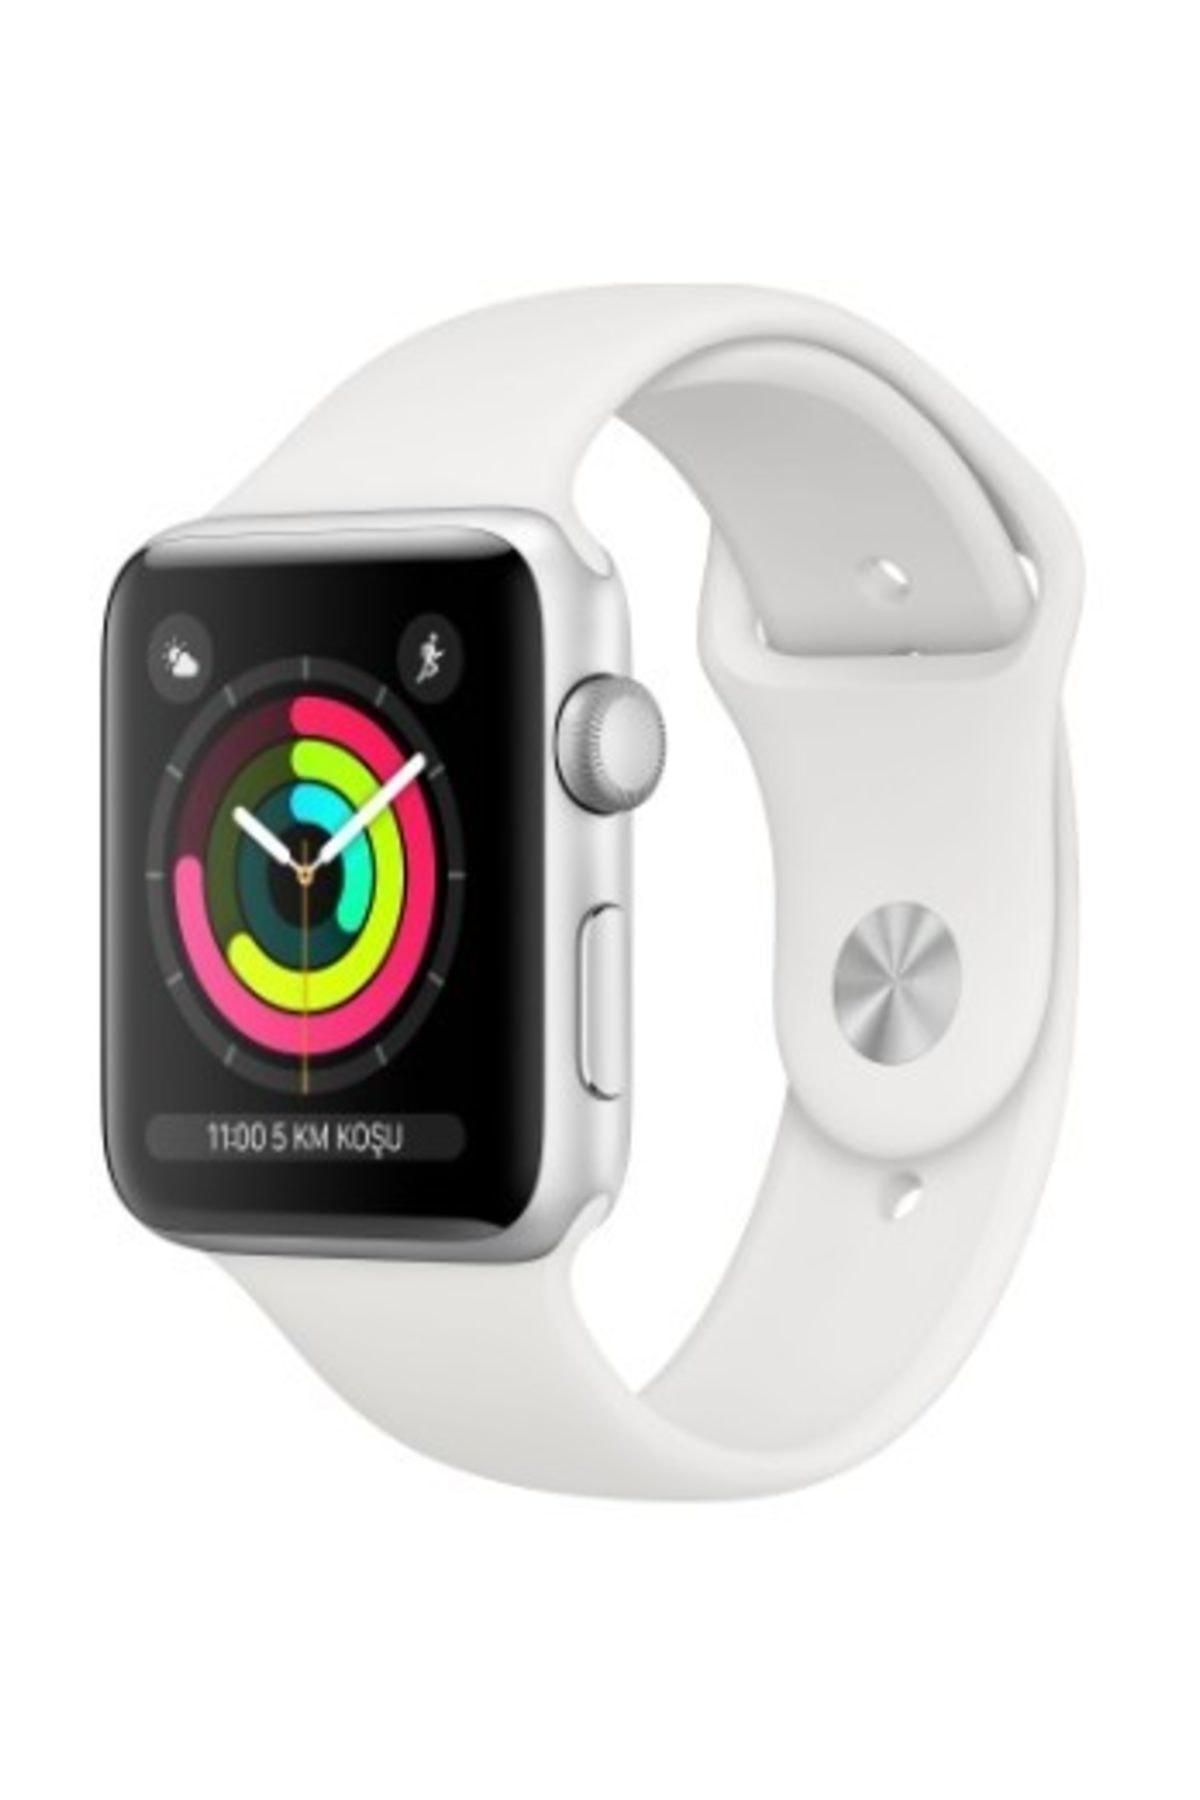 Apple Watch Seri 3 GPS 38 mm Gümüş Rengi Alüminyum Kasa ve Beyaz Spor Kordon - MTEY2TU/A 1